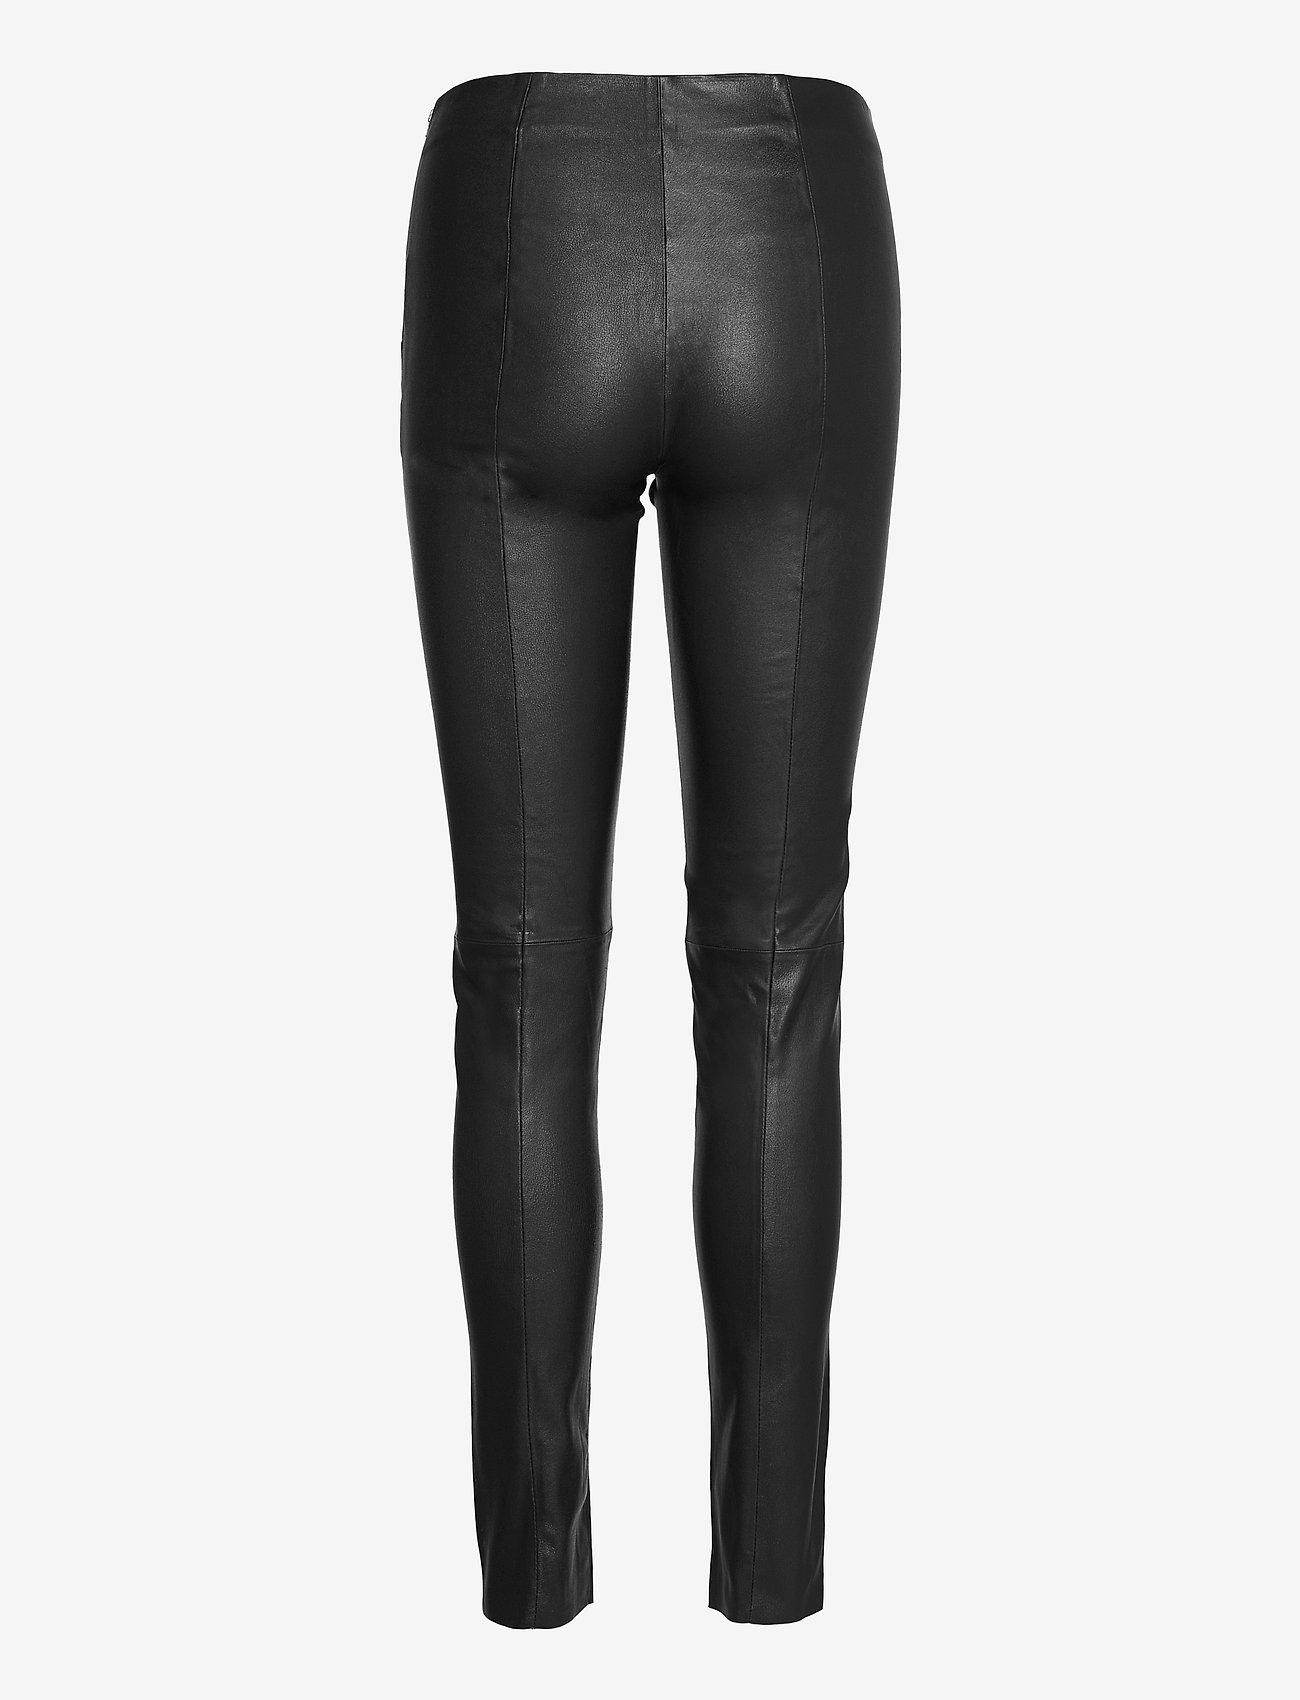 SAND - Stretch Leather - Shamar - skinnbyxor - black - 1